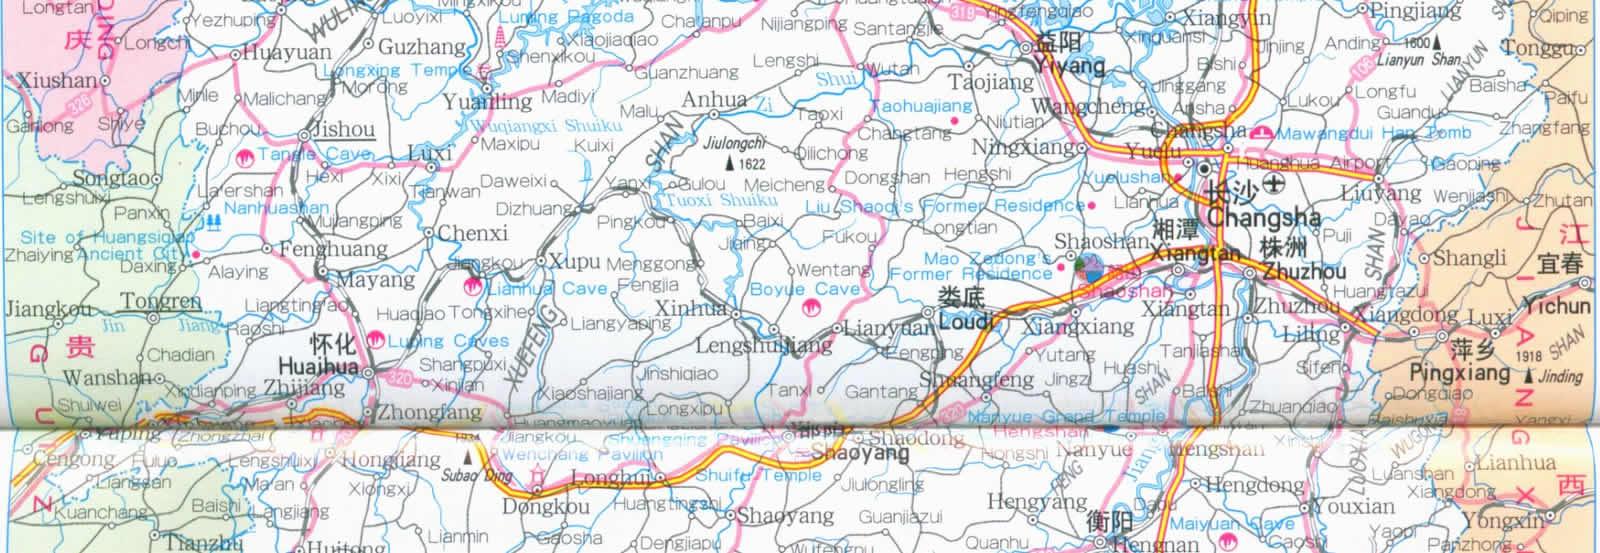 Hunan Province China Map.Map Of Hunan Province China